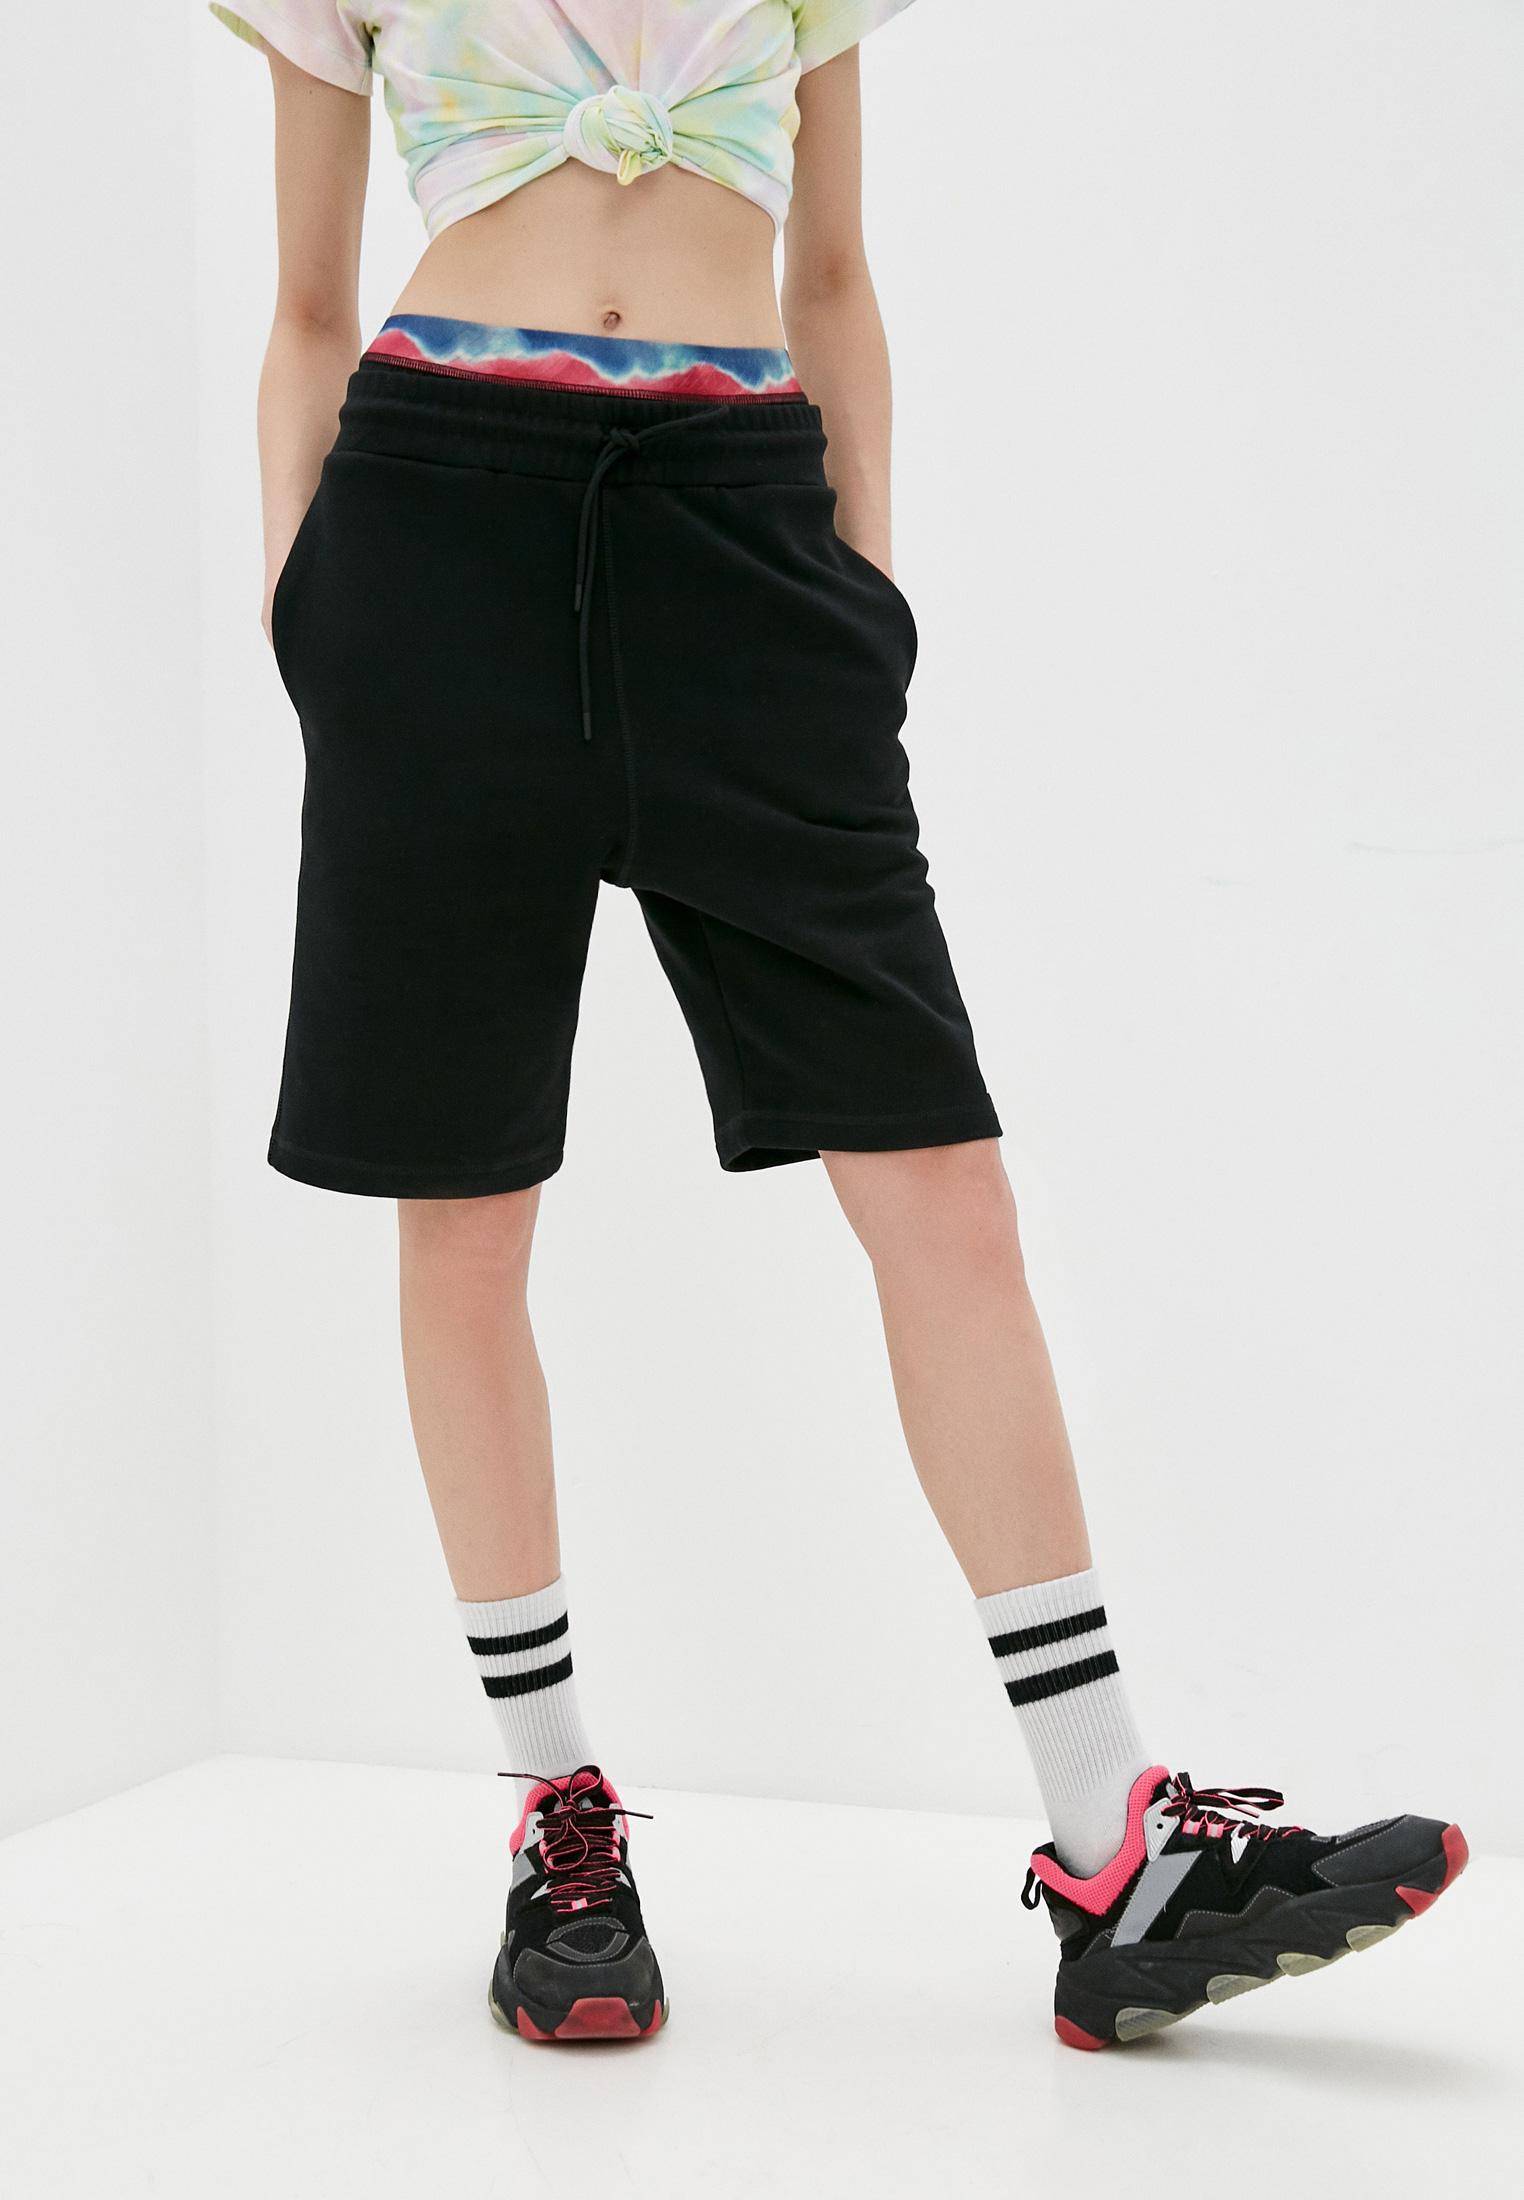 Женские повседневные шорты MSGM Шорты спортивные MSGM